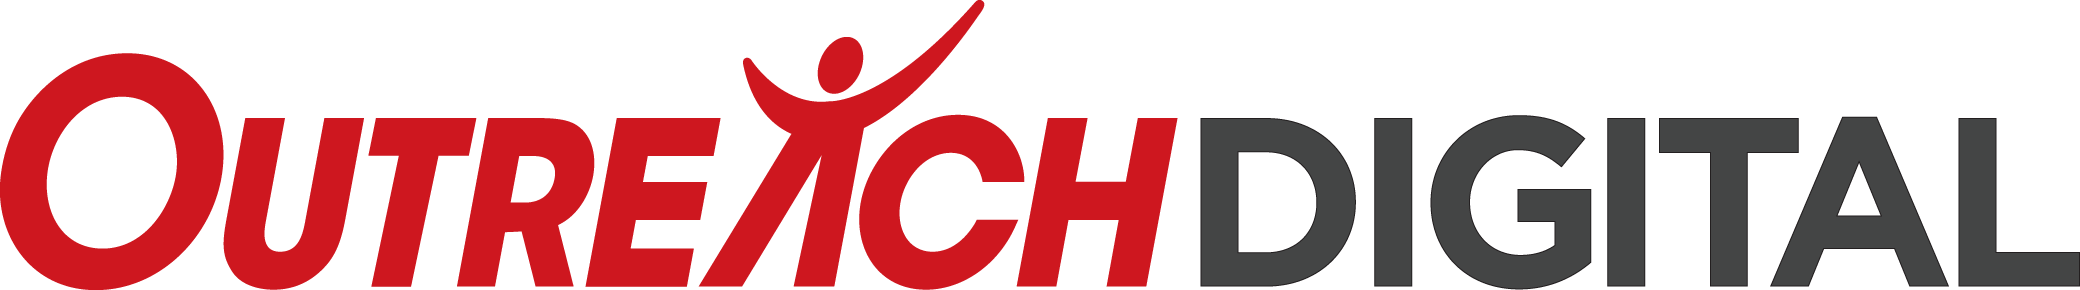 Outreach Digital Logo